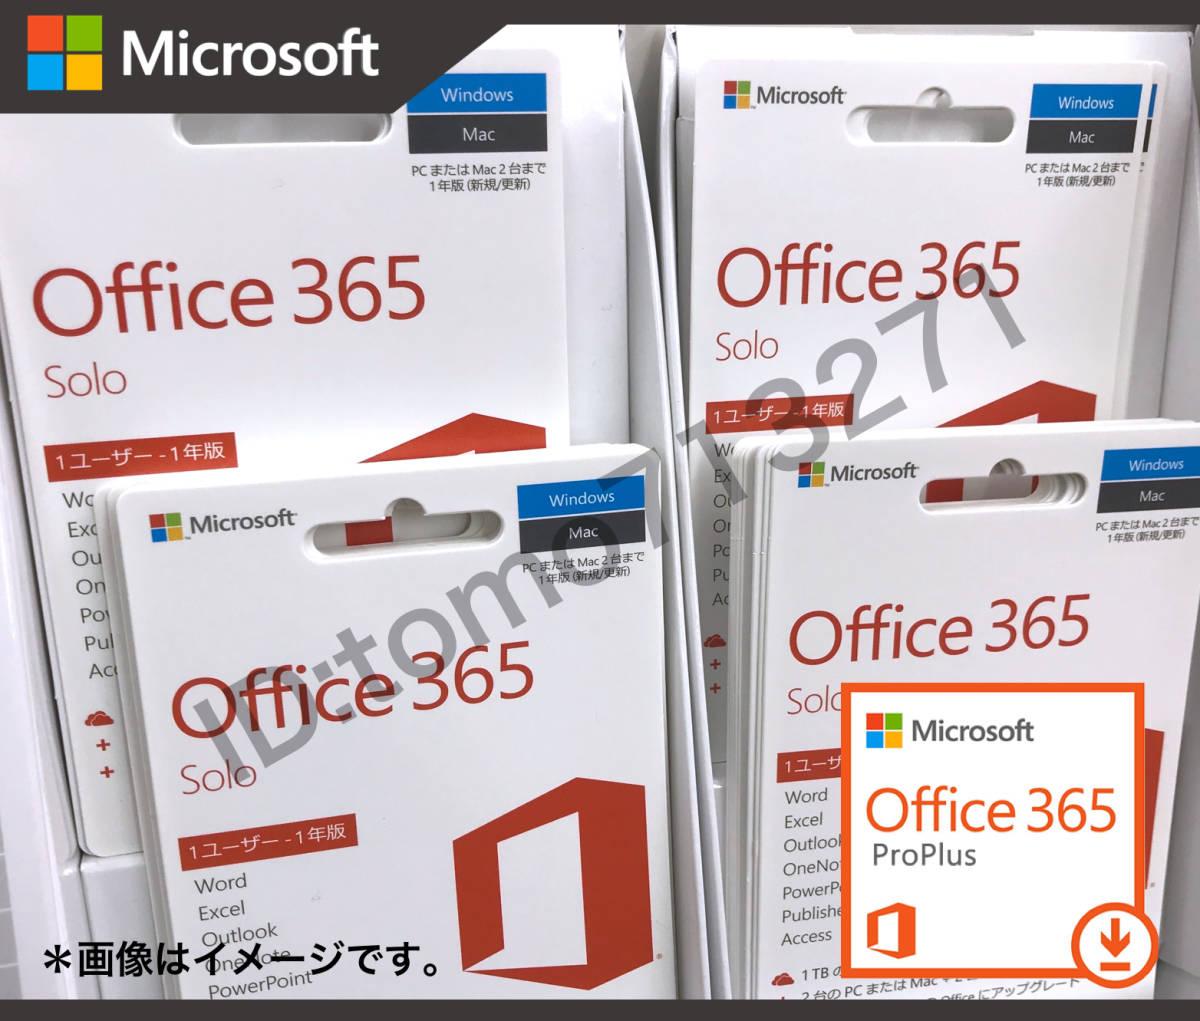 【最新版Office365アプリ】Microsoft Office2016→2019相当にアップグレード済み PC5台/モバイル5台 合計10台 最新無期限版